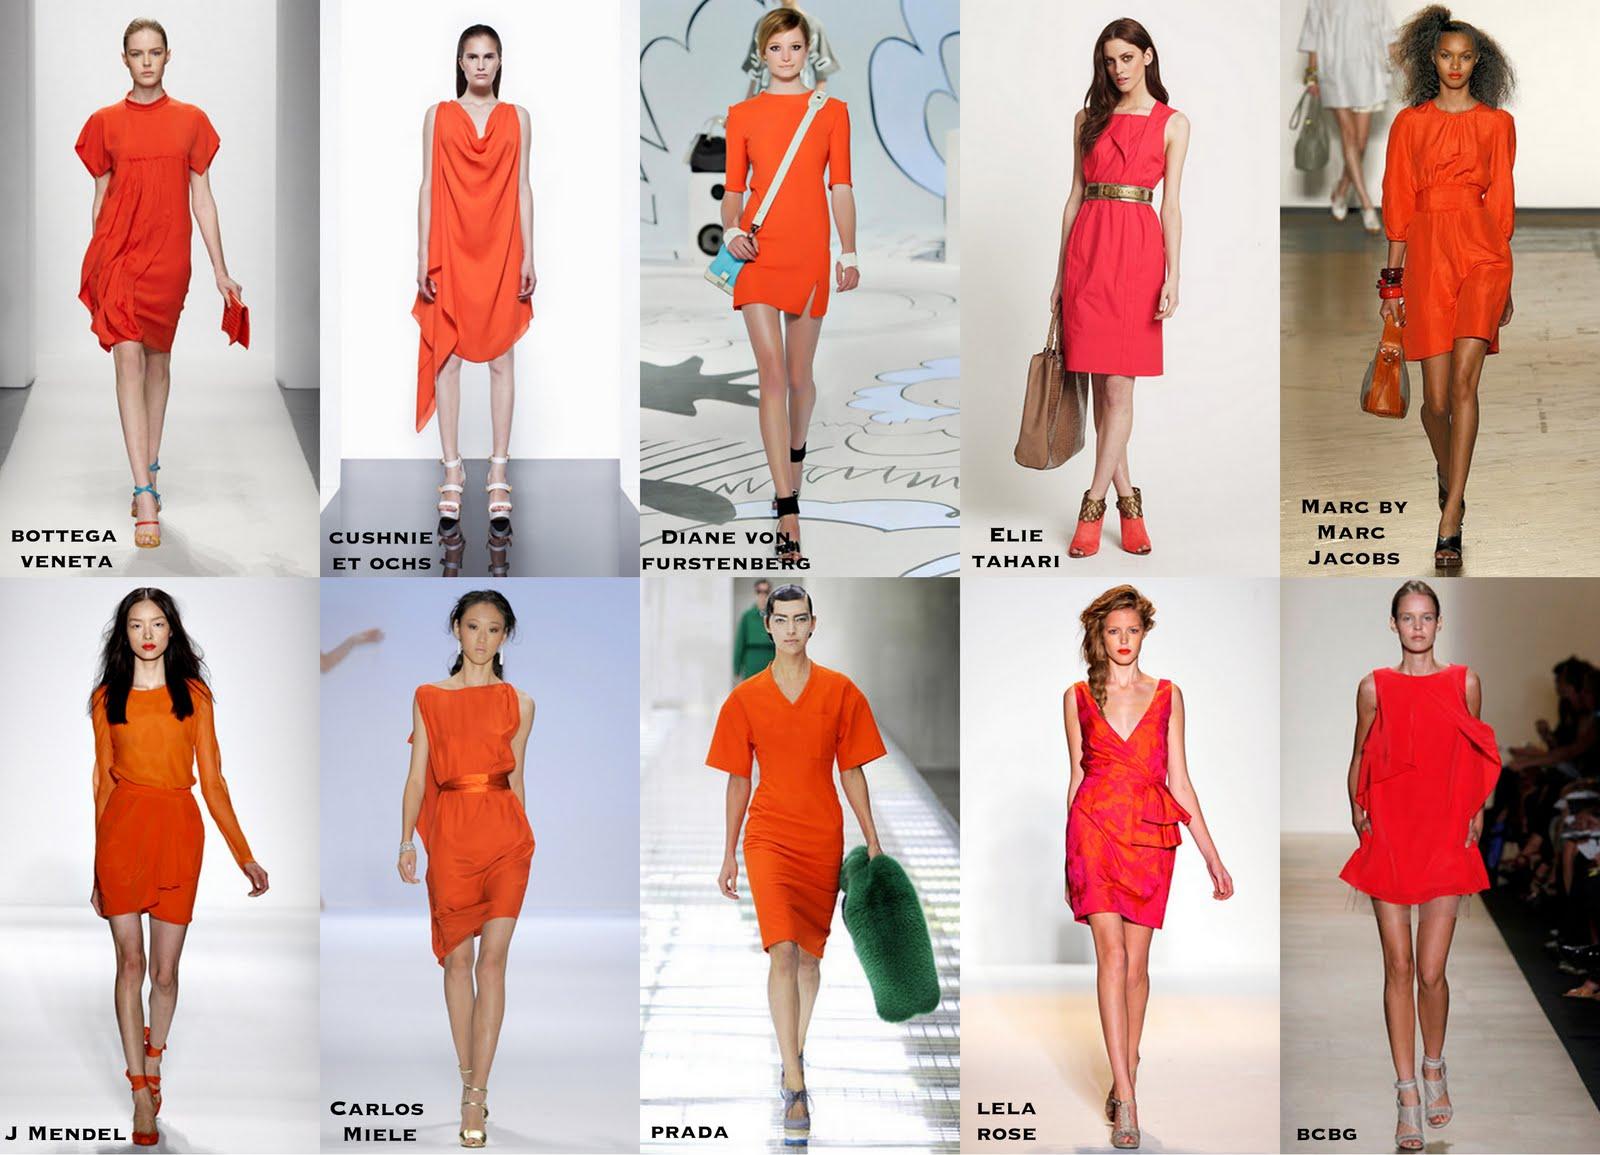 http://4.bp.blogspot.com/-lY1QdZ58CPs/TkLtC-SrF7I/AAAAAAAABJU/XdQopAlI3VI/s1600/orange+dresses+1.jpg